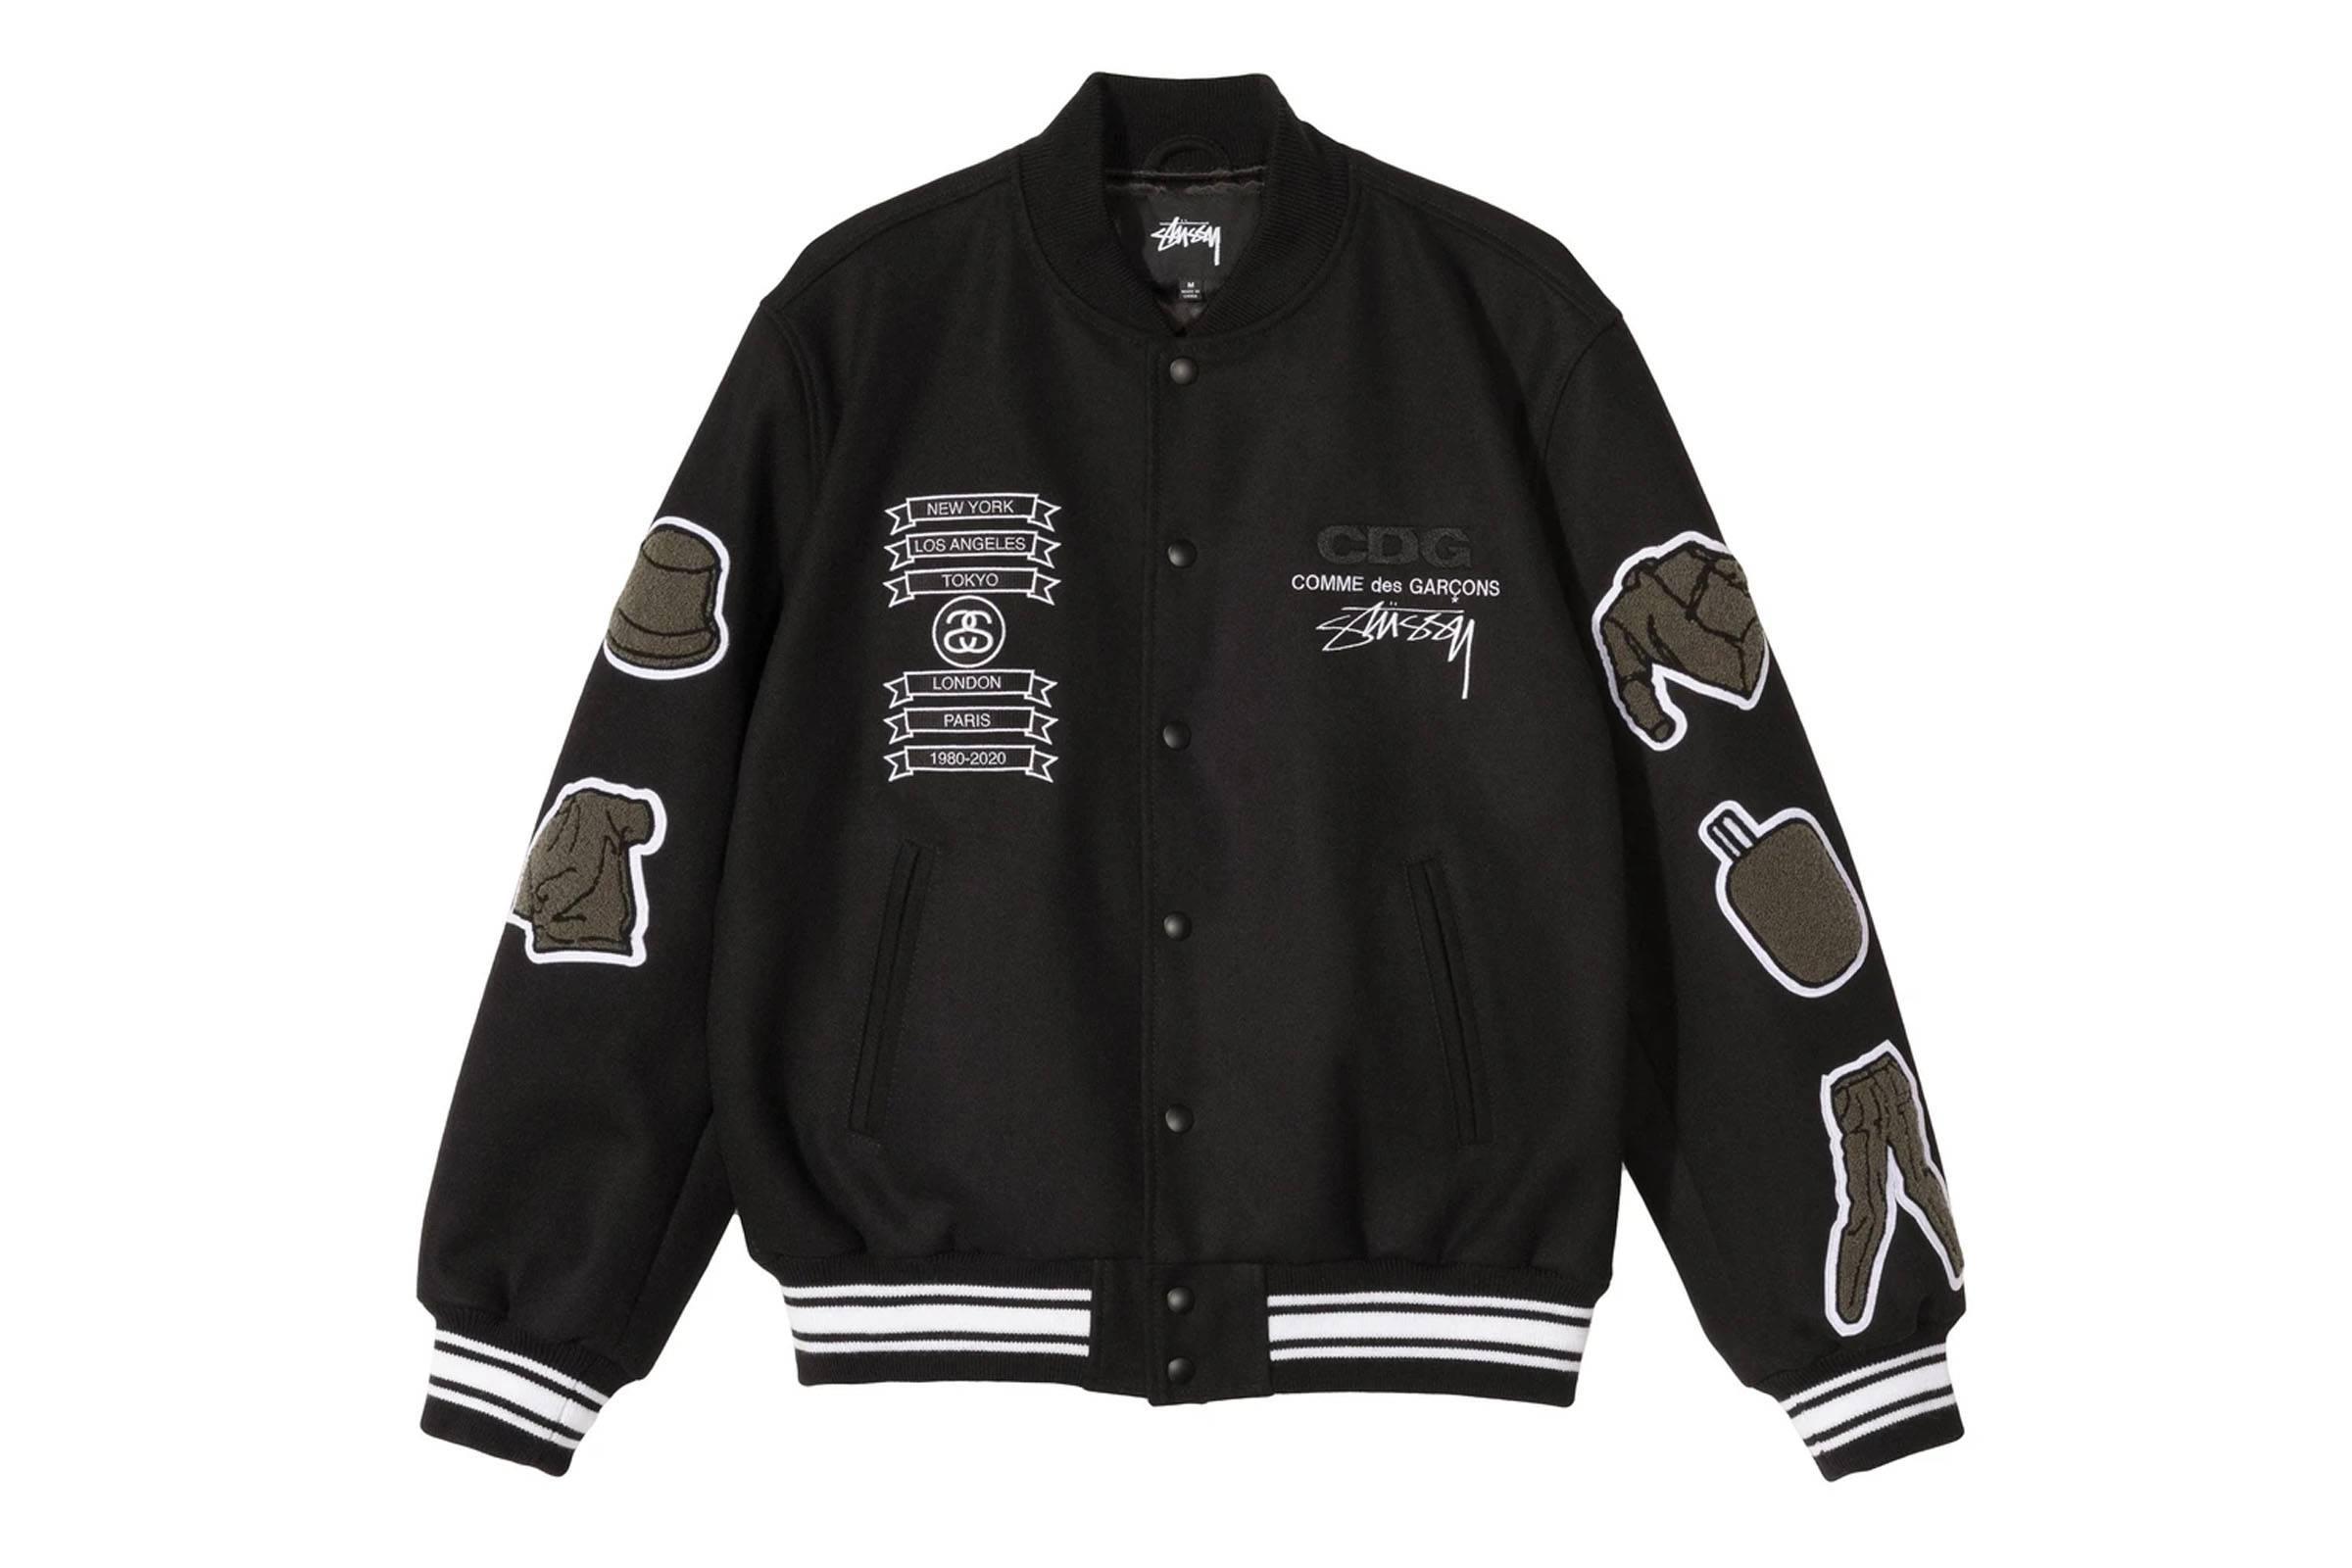 Comme des Garçons × Stussy: 40th Anniversary Varsity Jacket